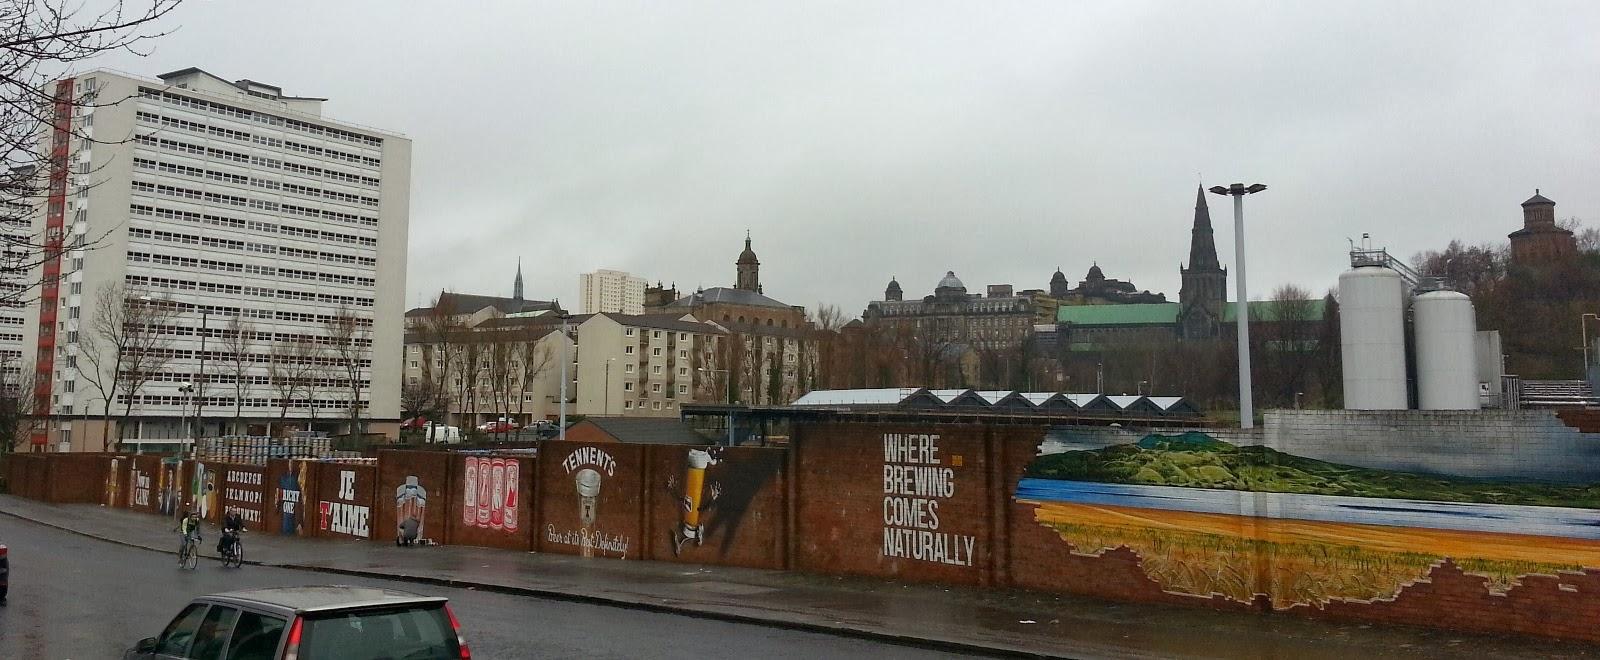 Drygate Brewery, Glasgow